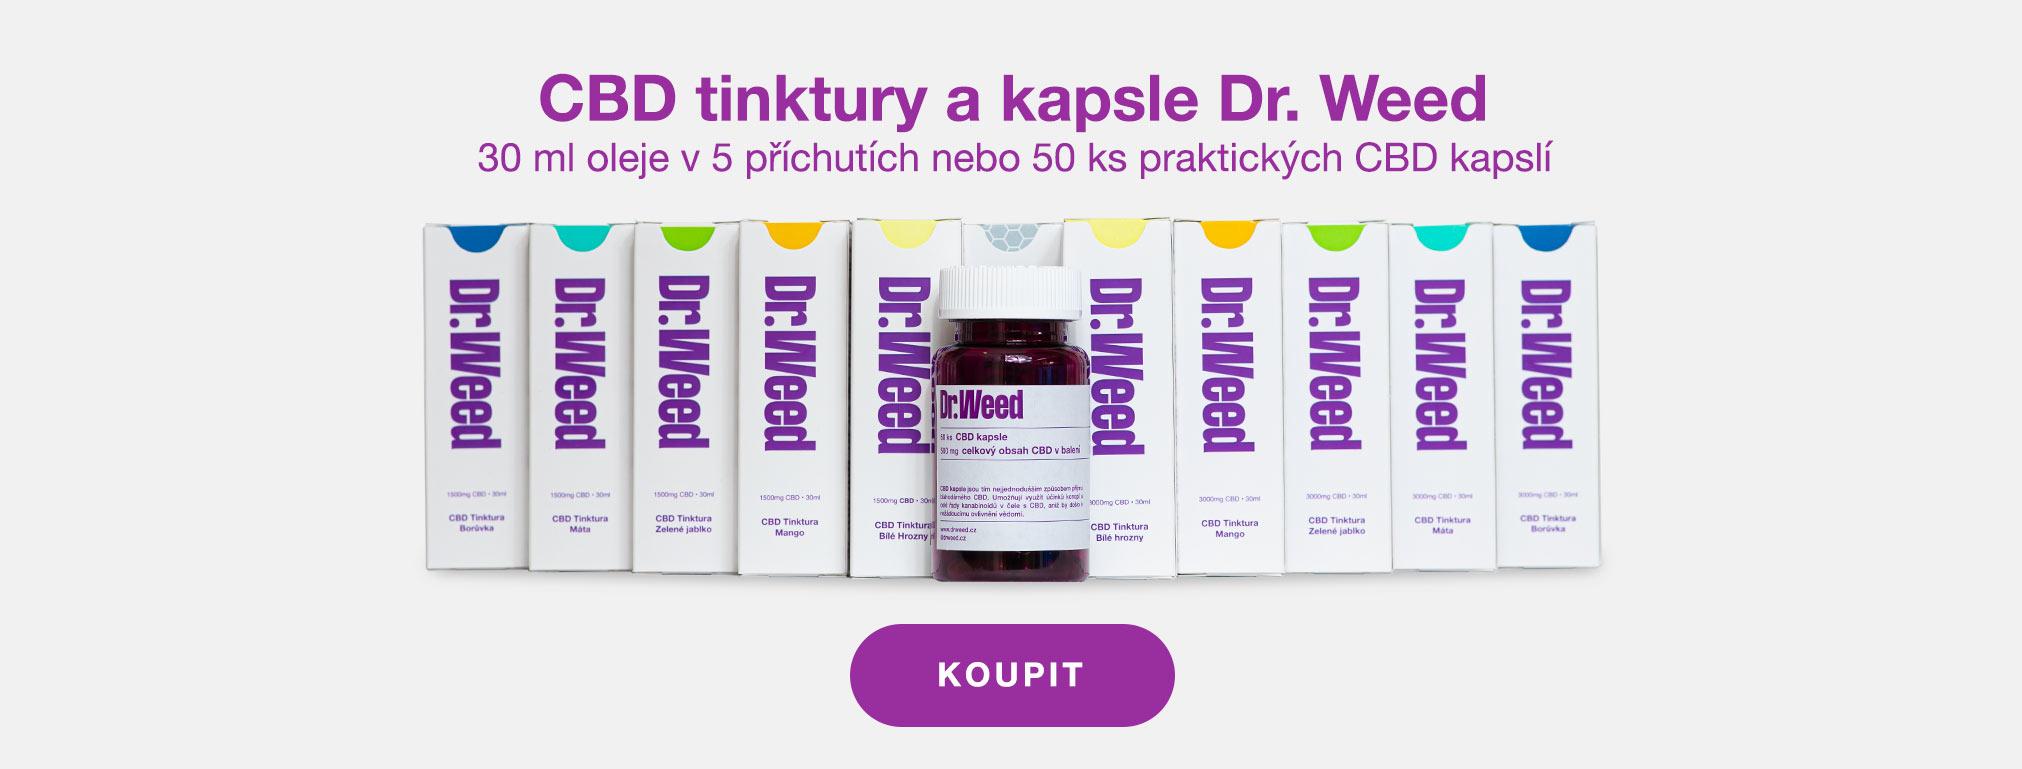 Dr. Weed oleje